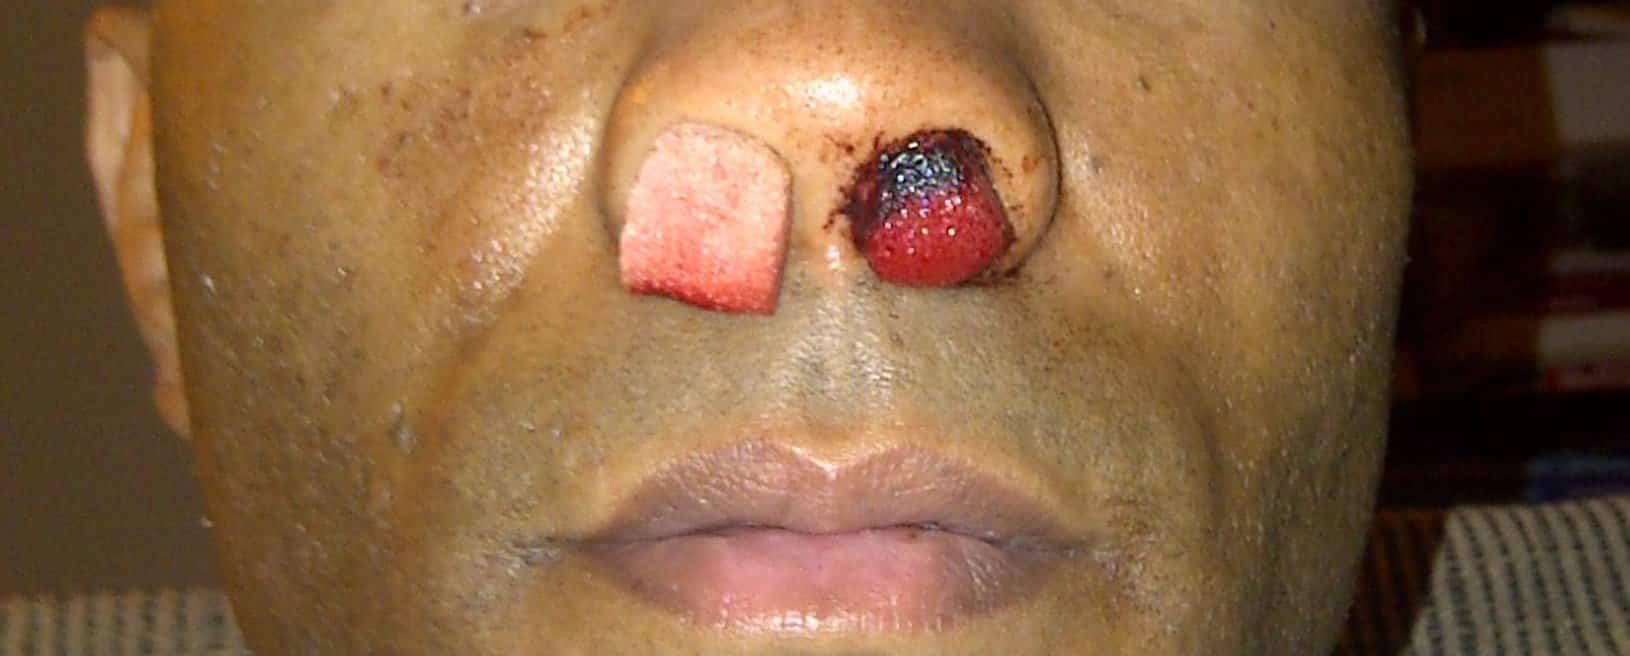 Hemorragia nasal y coagulos